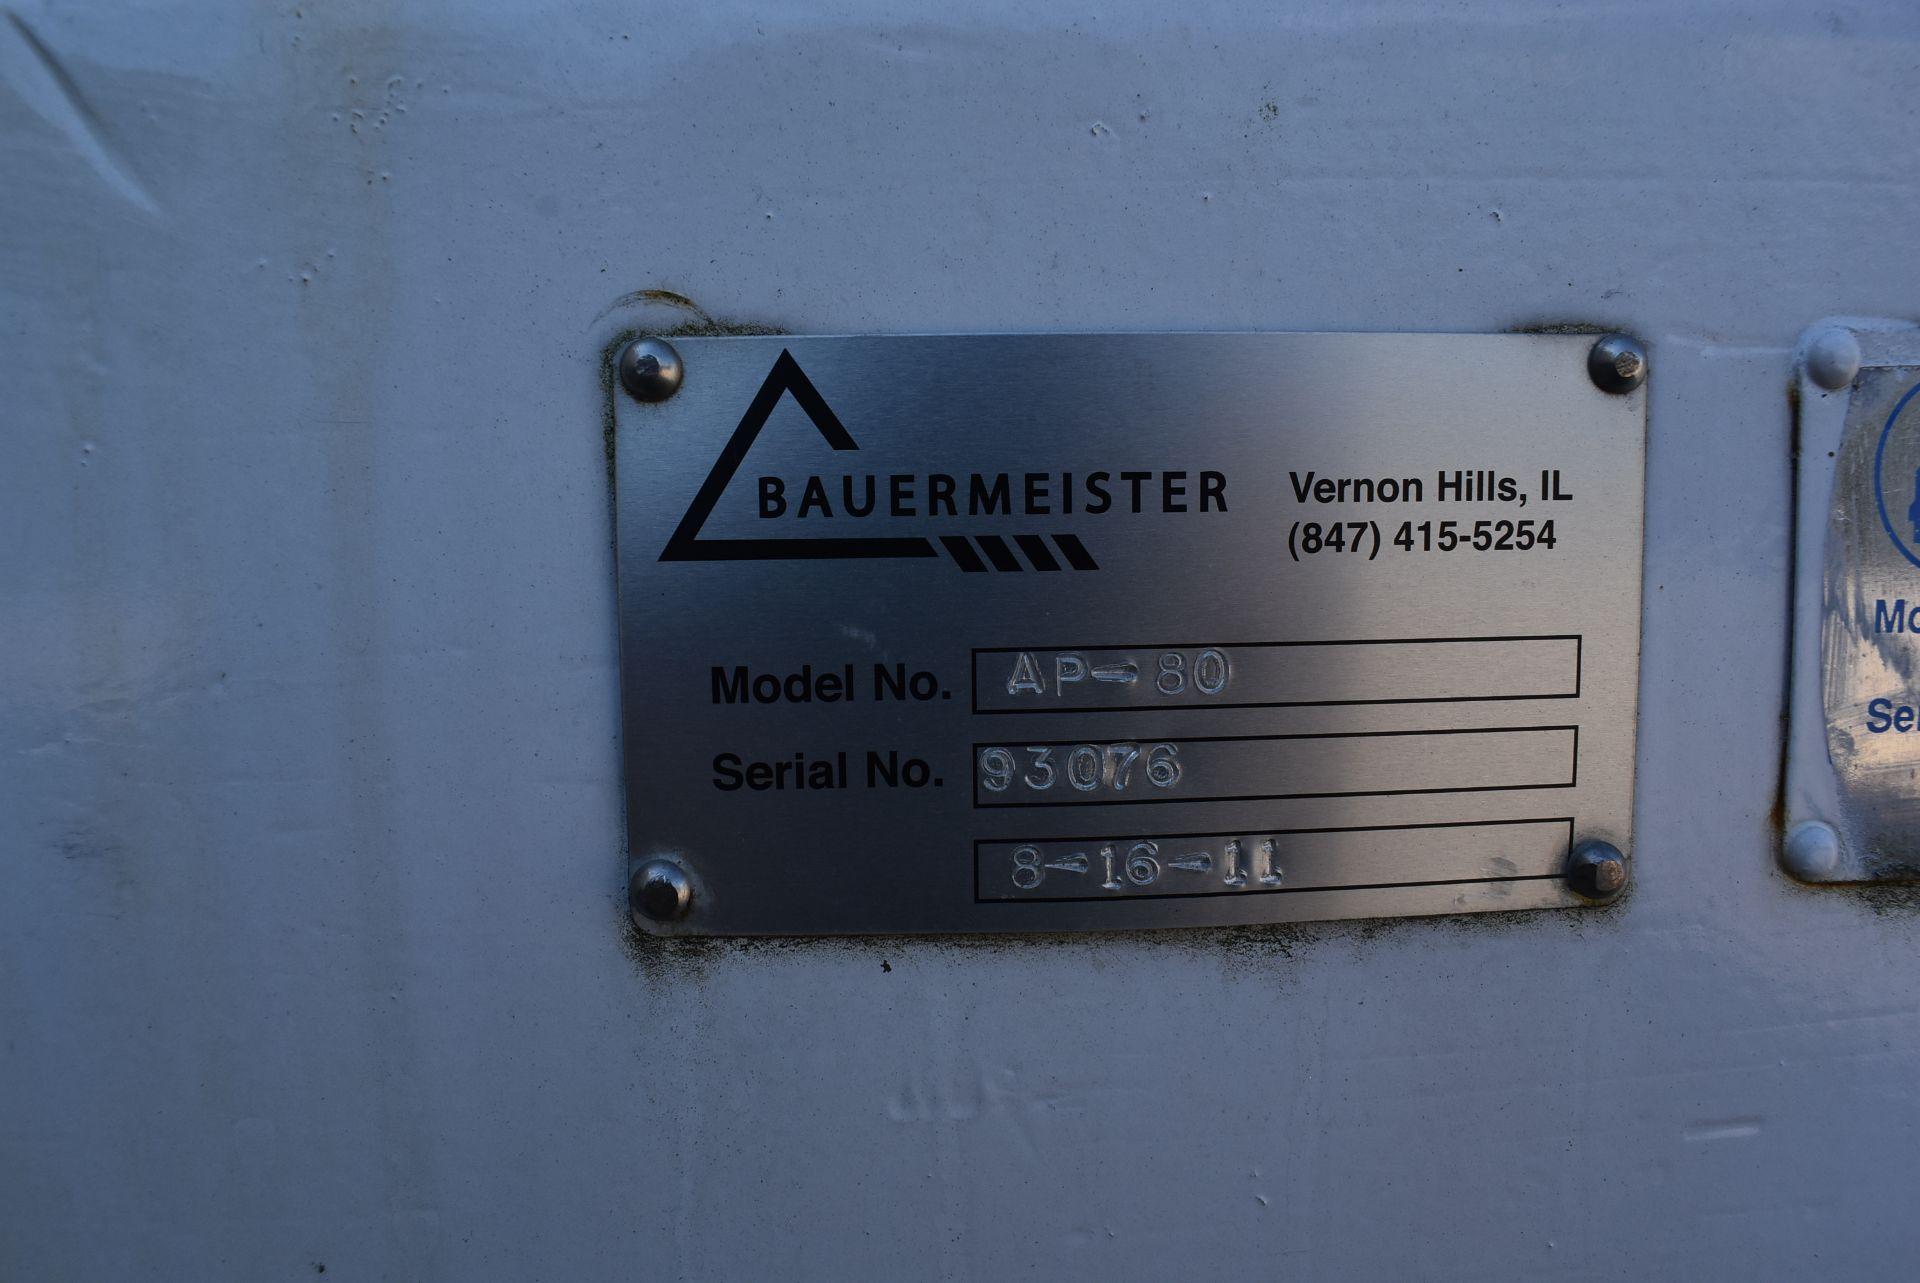 2011 Gebr. Bauermeister Type AP80 Comill Grinder, 75 HP Motor, SN 93076 - Image 2 of 3